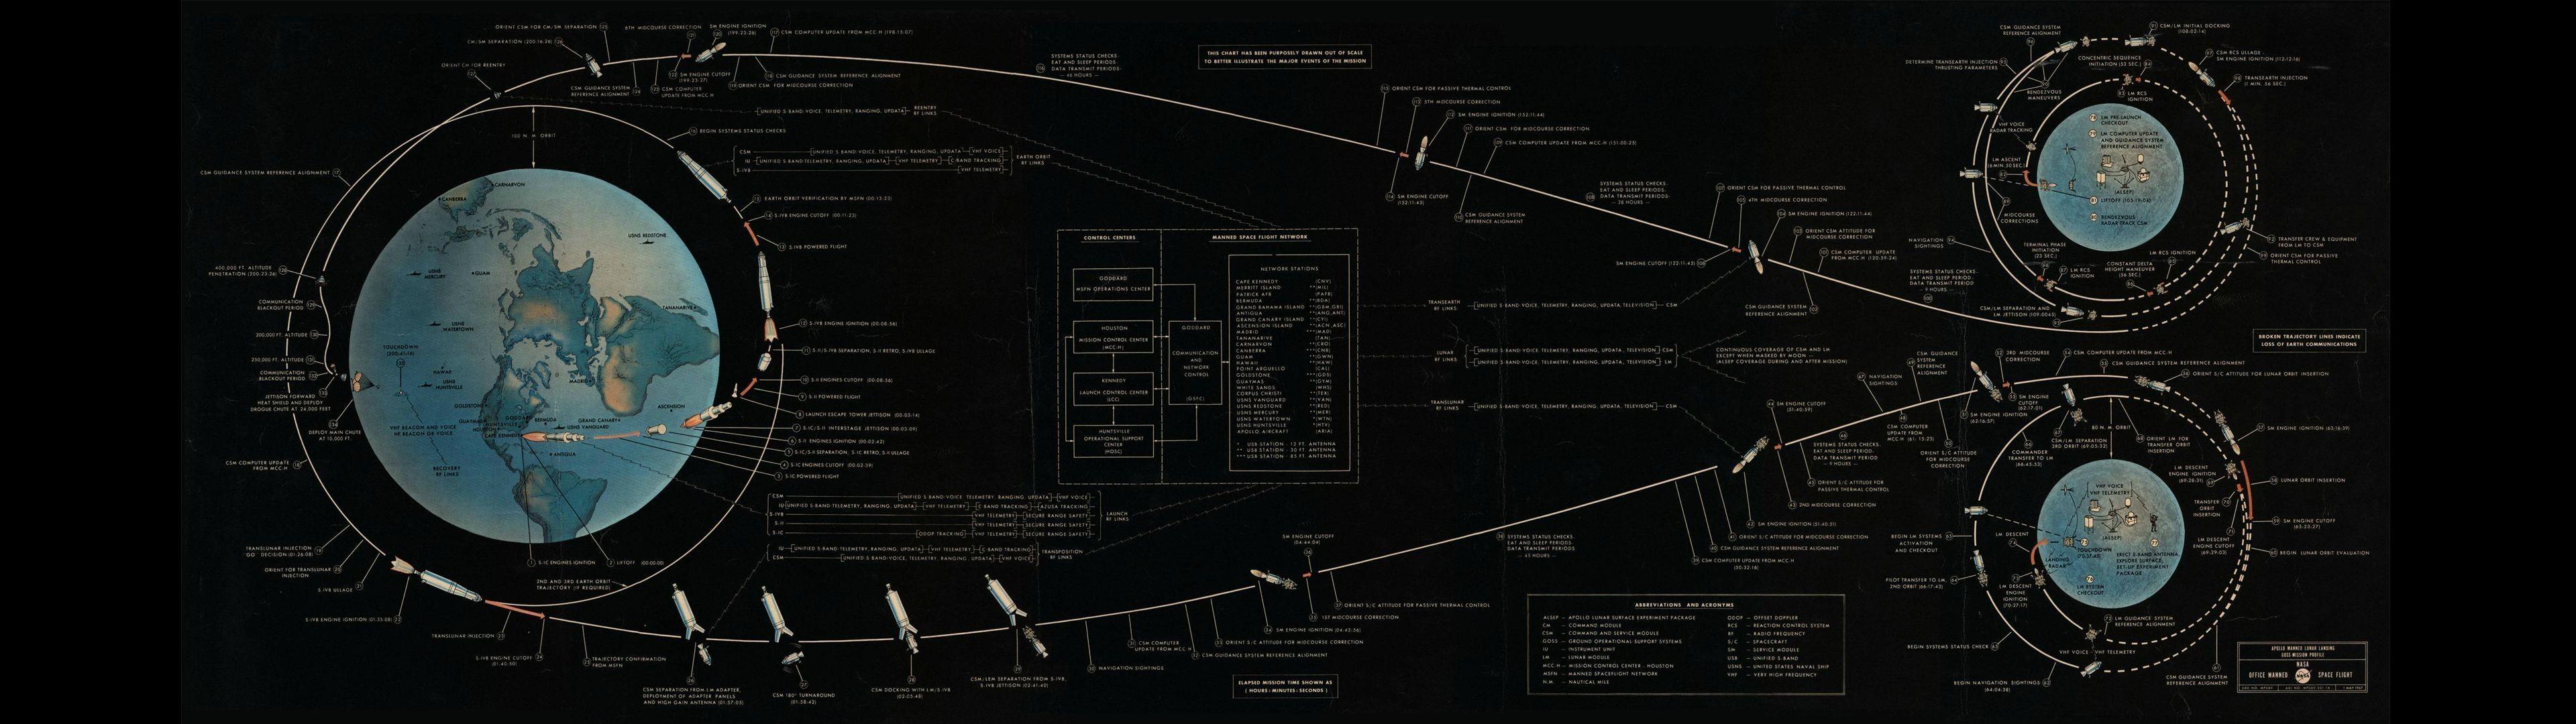 Hd Dual Monitor Tapete 11 Apollo Program 1060403 Hd